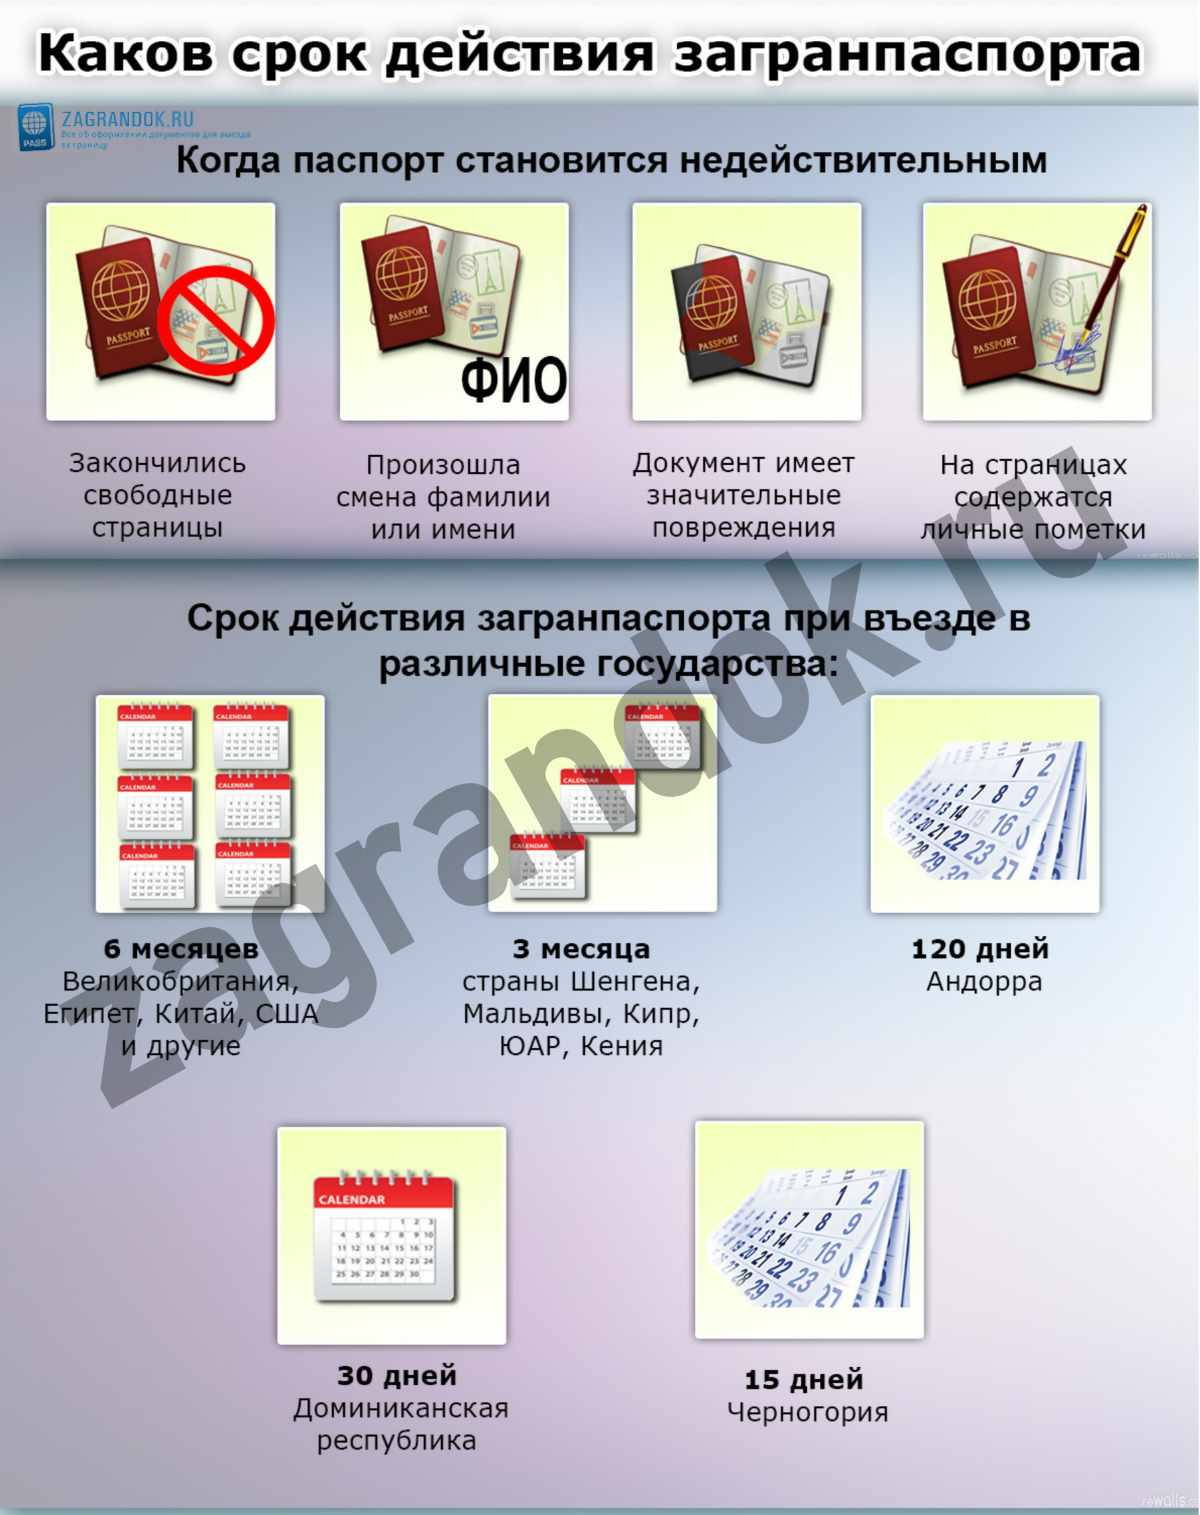 Каков срок действия загран паспорта